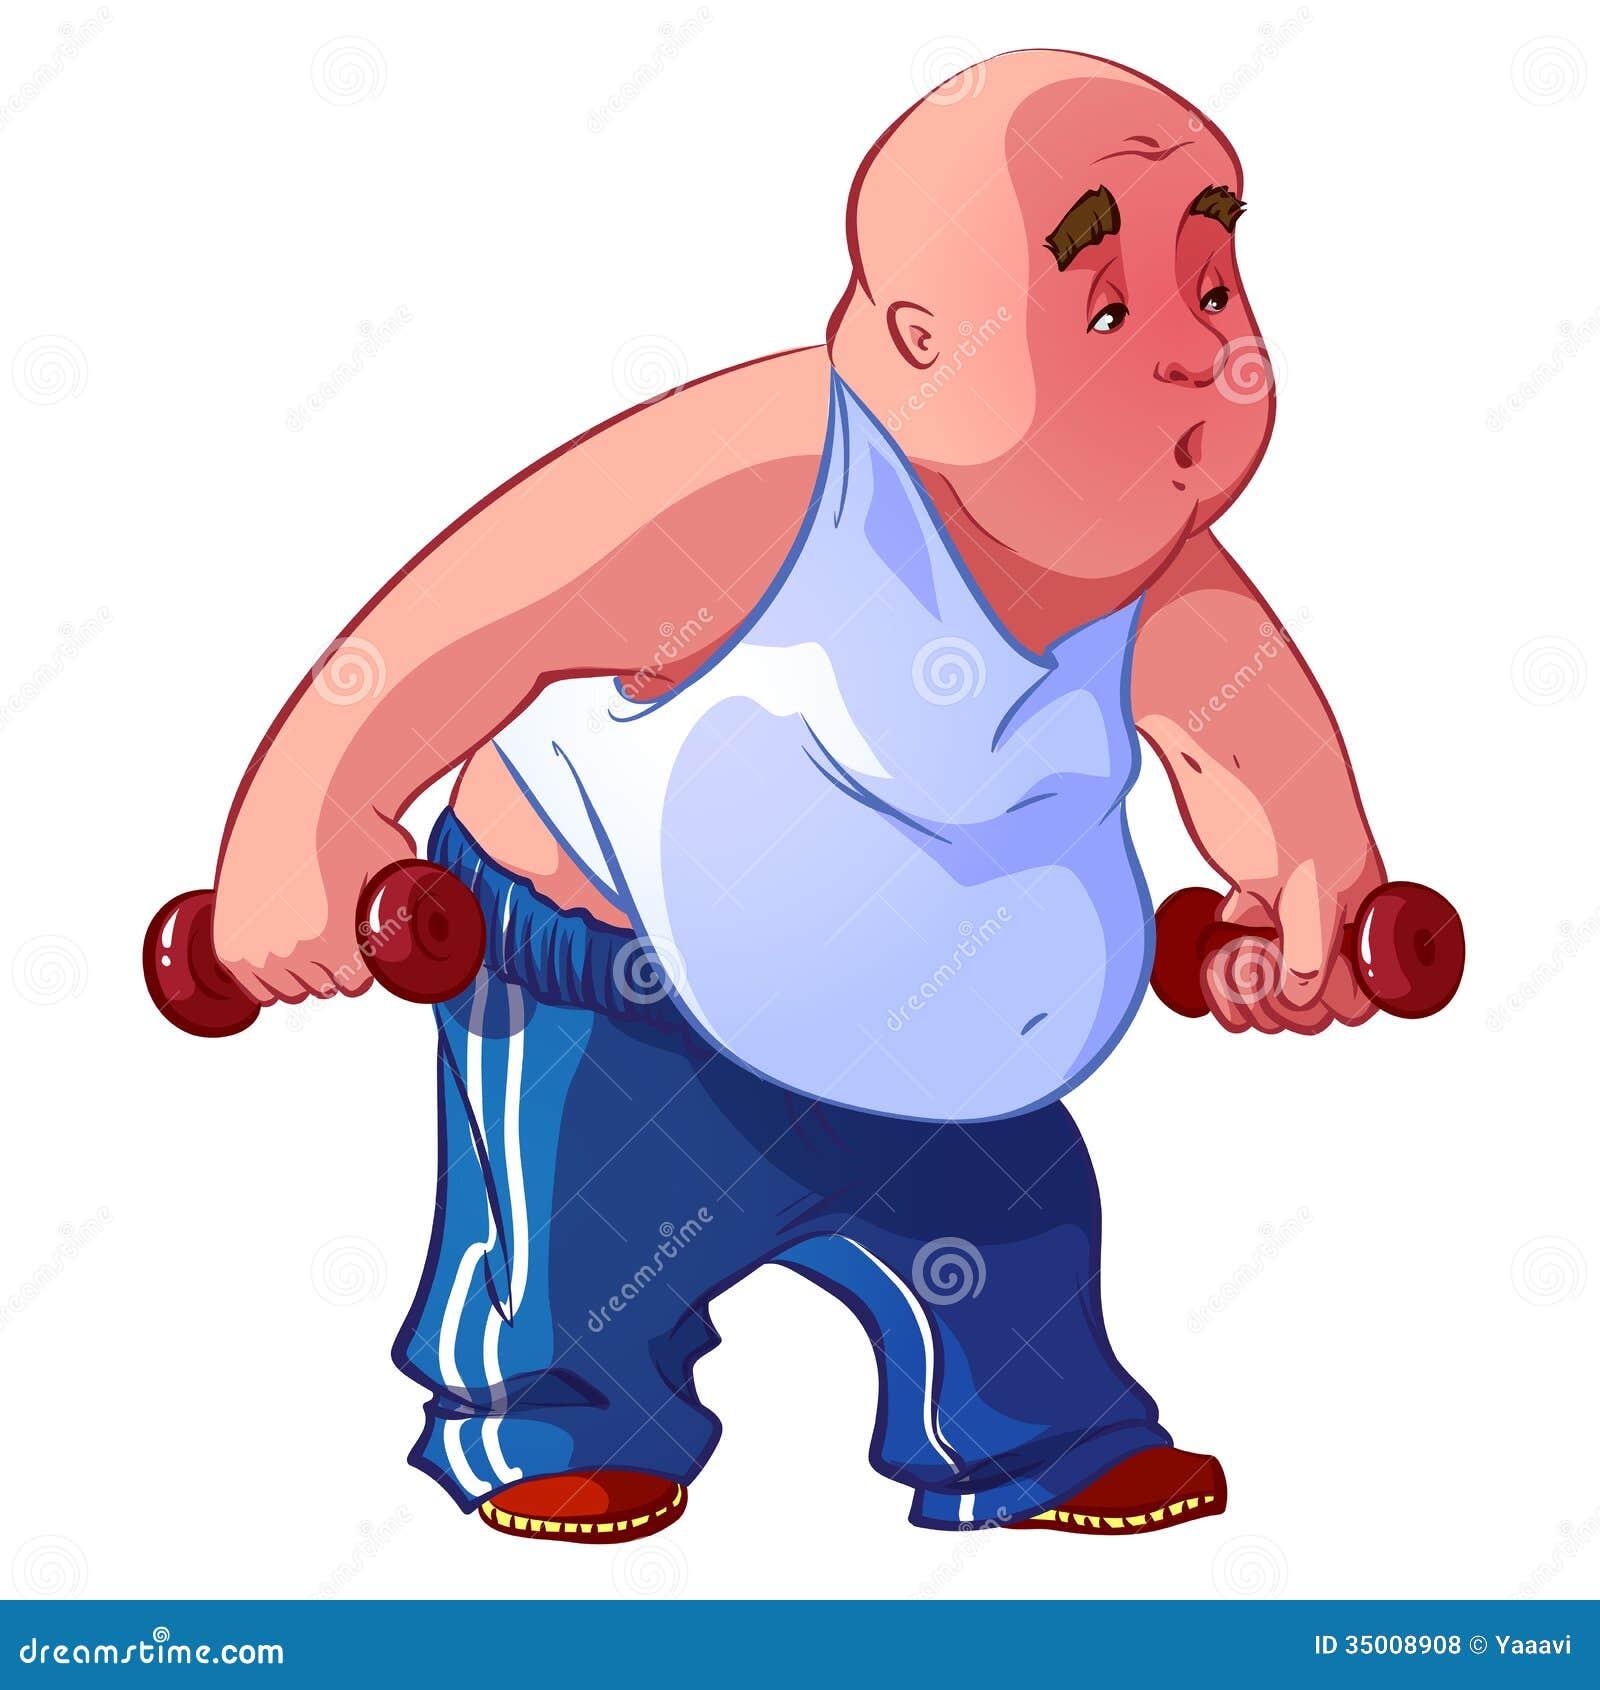 Ass butt dildo fisting gaping